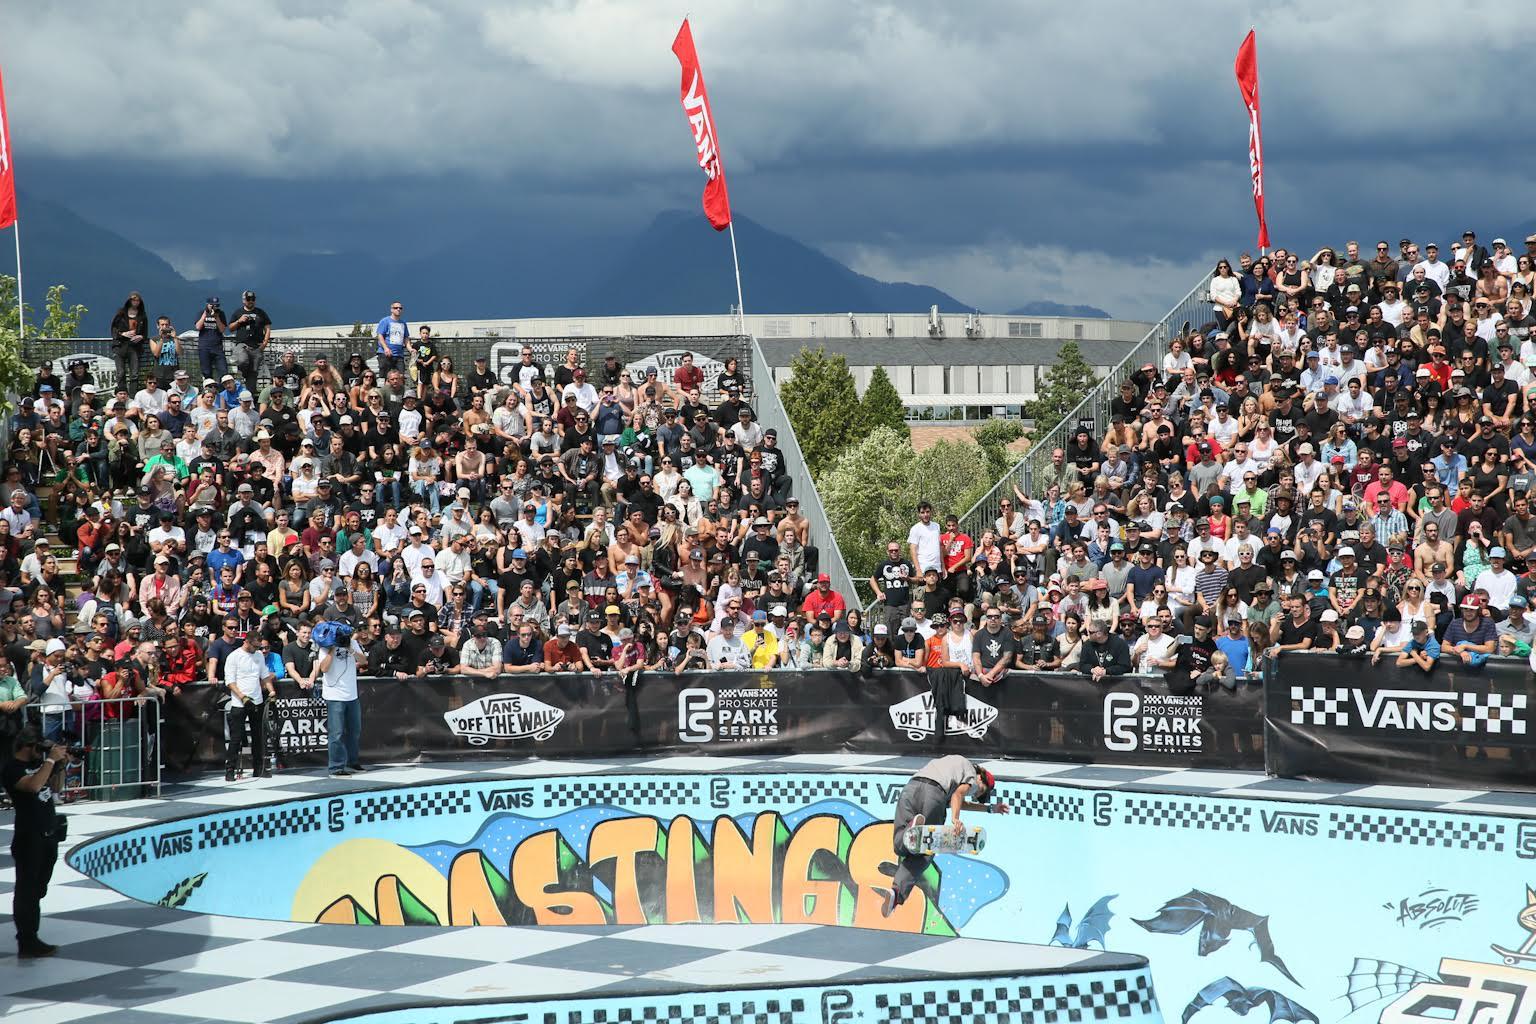 The Vans Park Series invades Hastings Skatepark this weekend